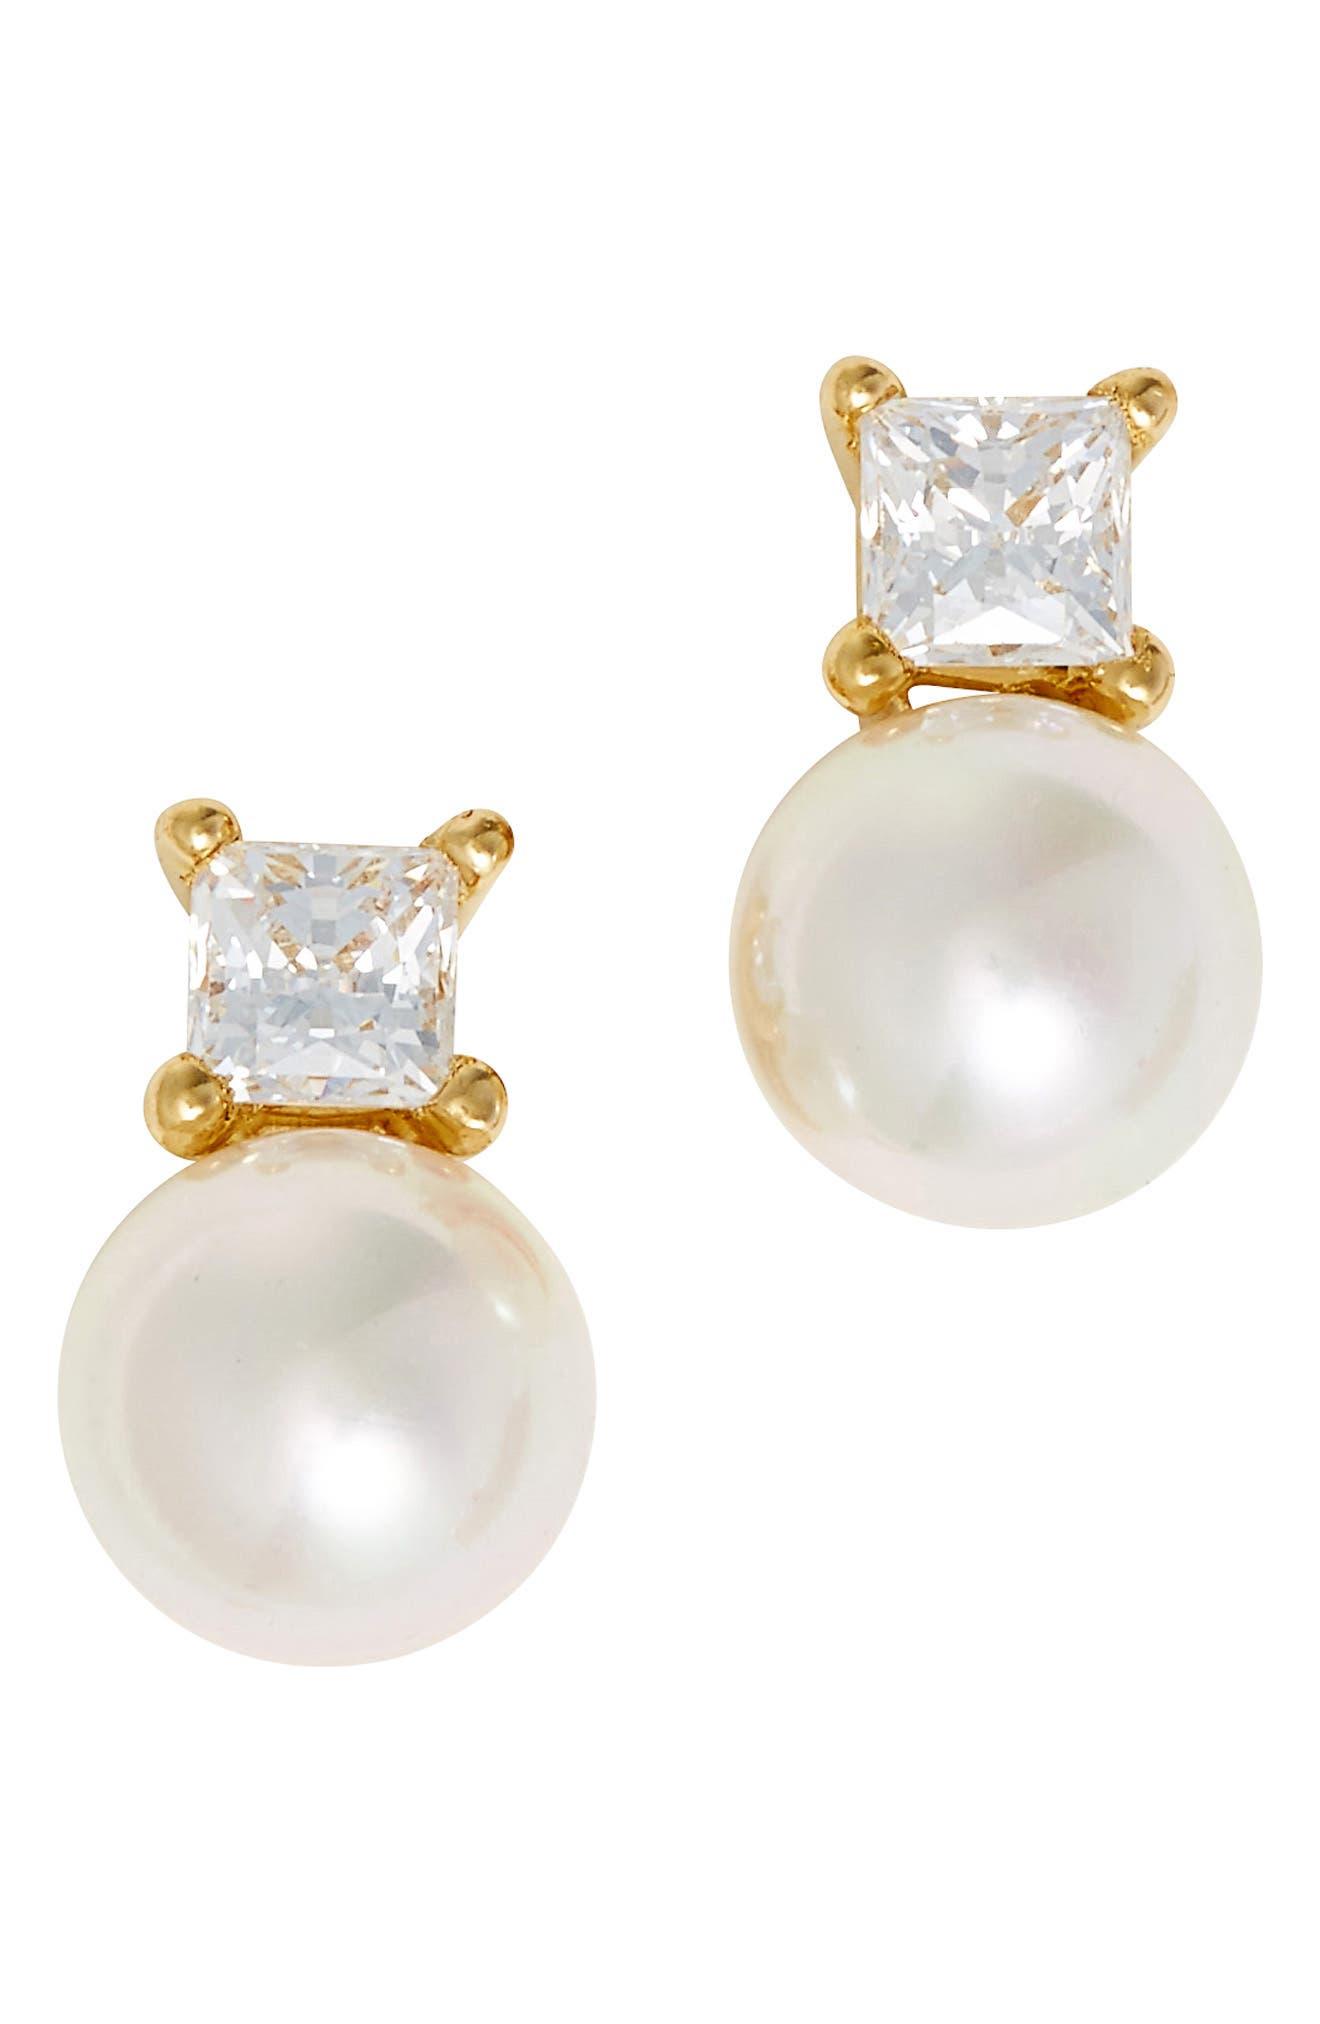 MAJORICA Cubic Zirconia & Faux Pearl Stud Earrings